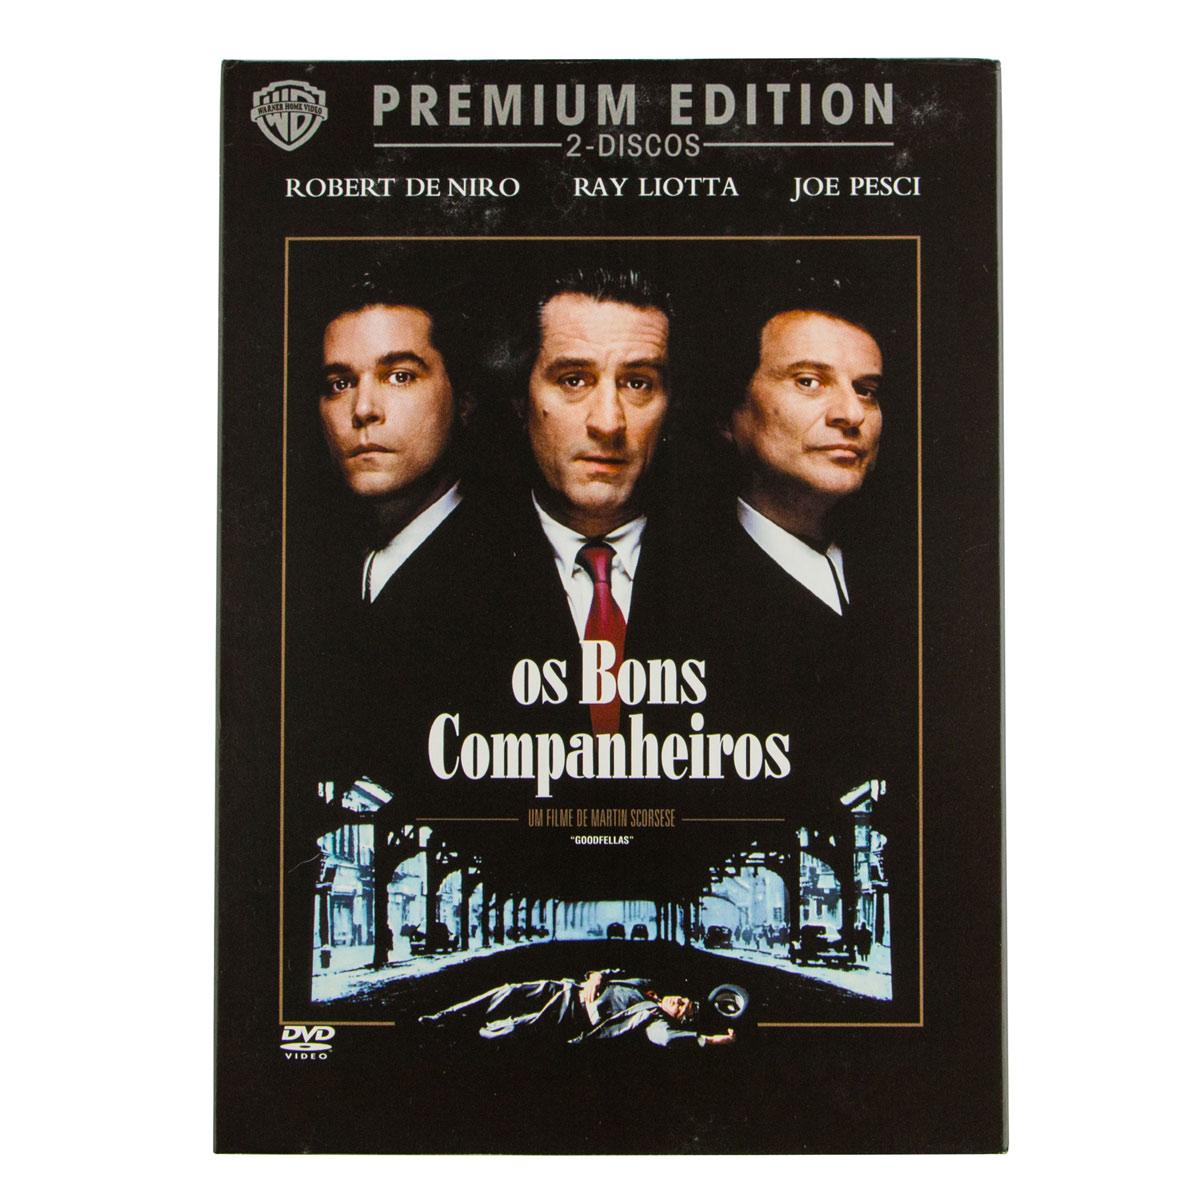 DVD Os Bons Companheiros - Premium Edition